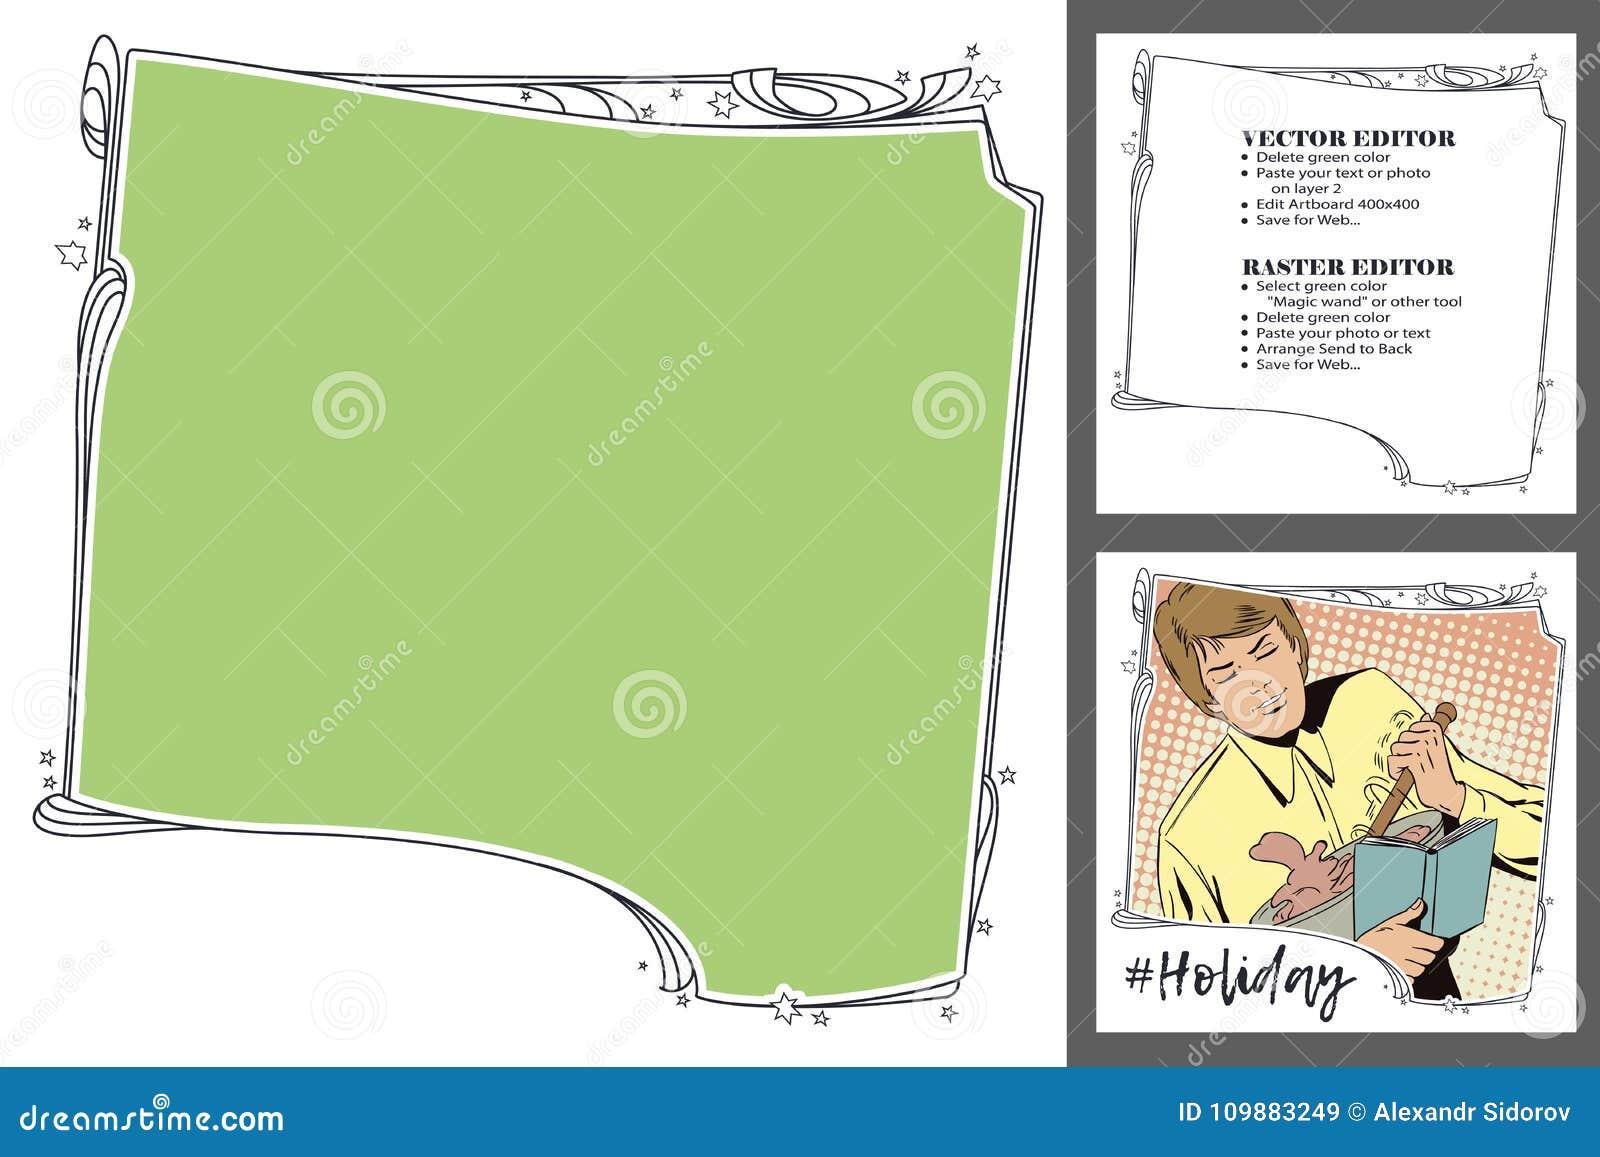 Celebratin Theme  Frame For Scrapbook, Banner, Online Store